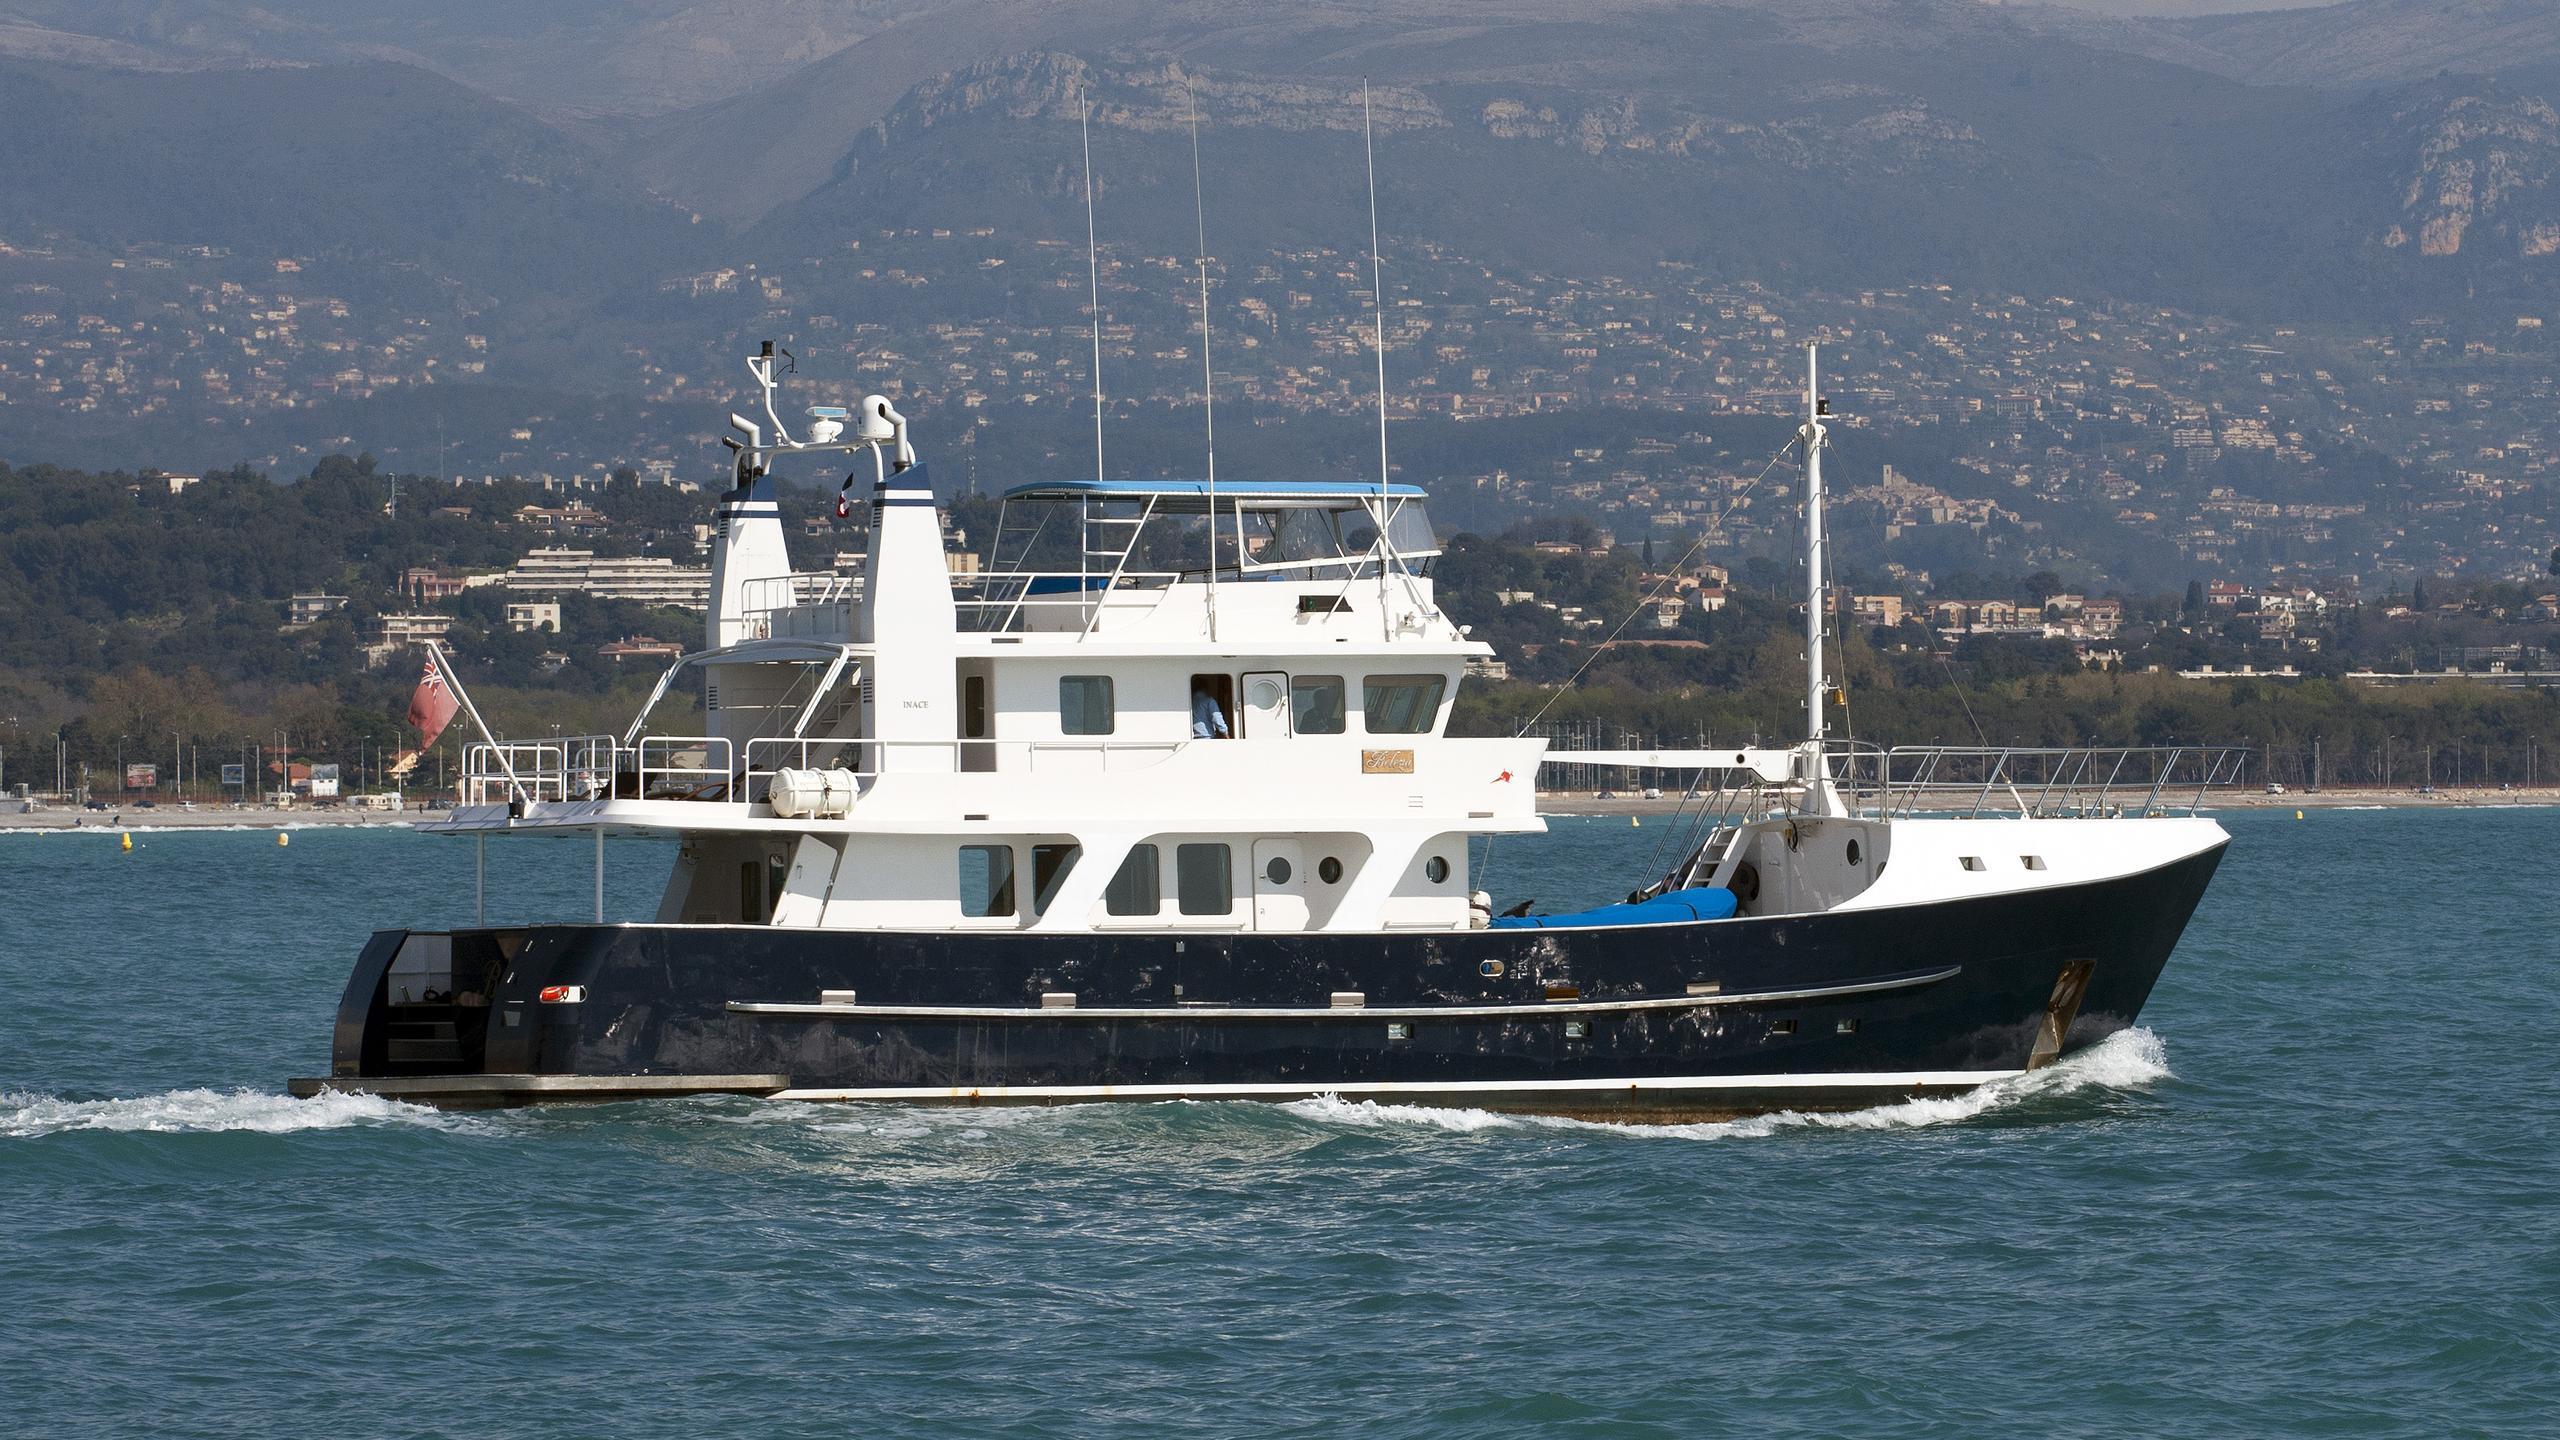 beleza-motoryacht-inace-explorer-80-1999-26m-profile-running